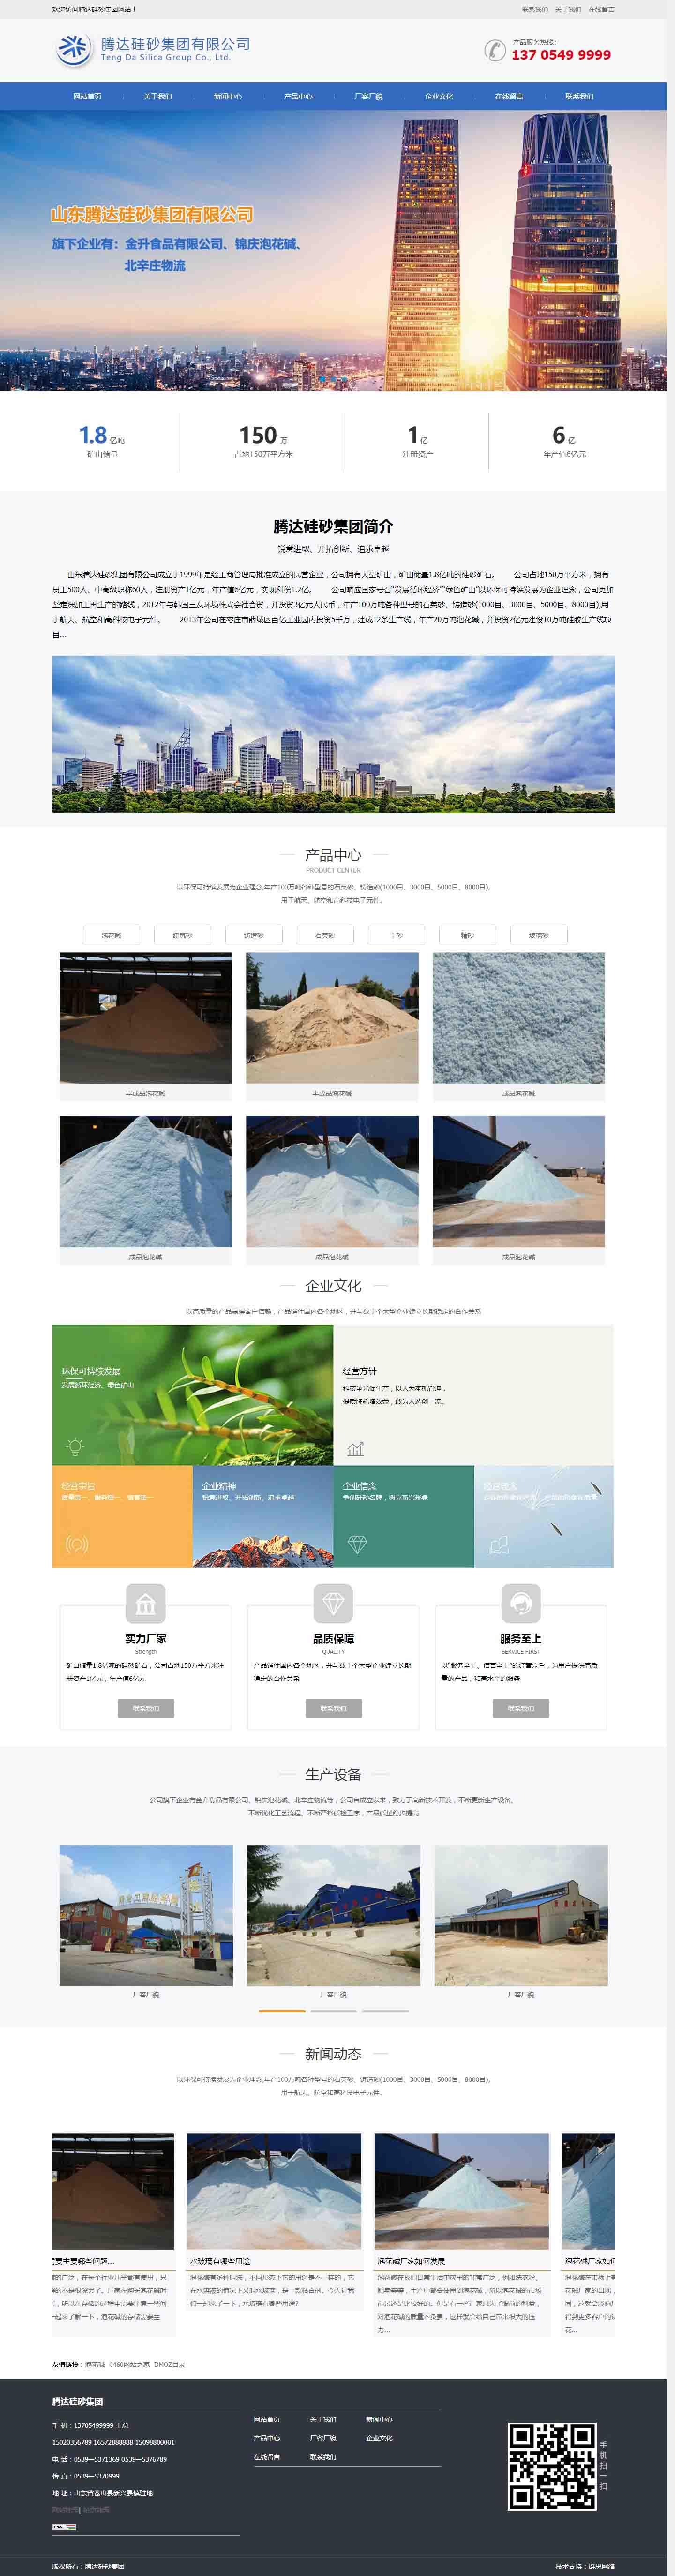 山东腾达硅砂集团有限公司